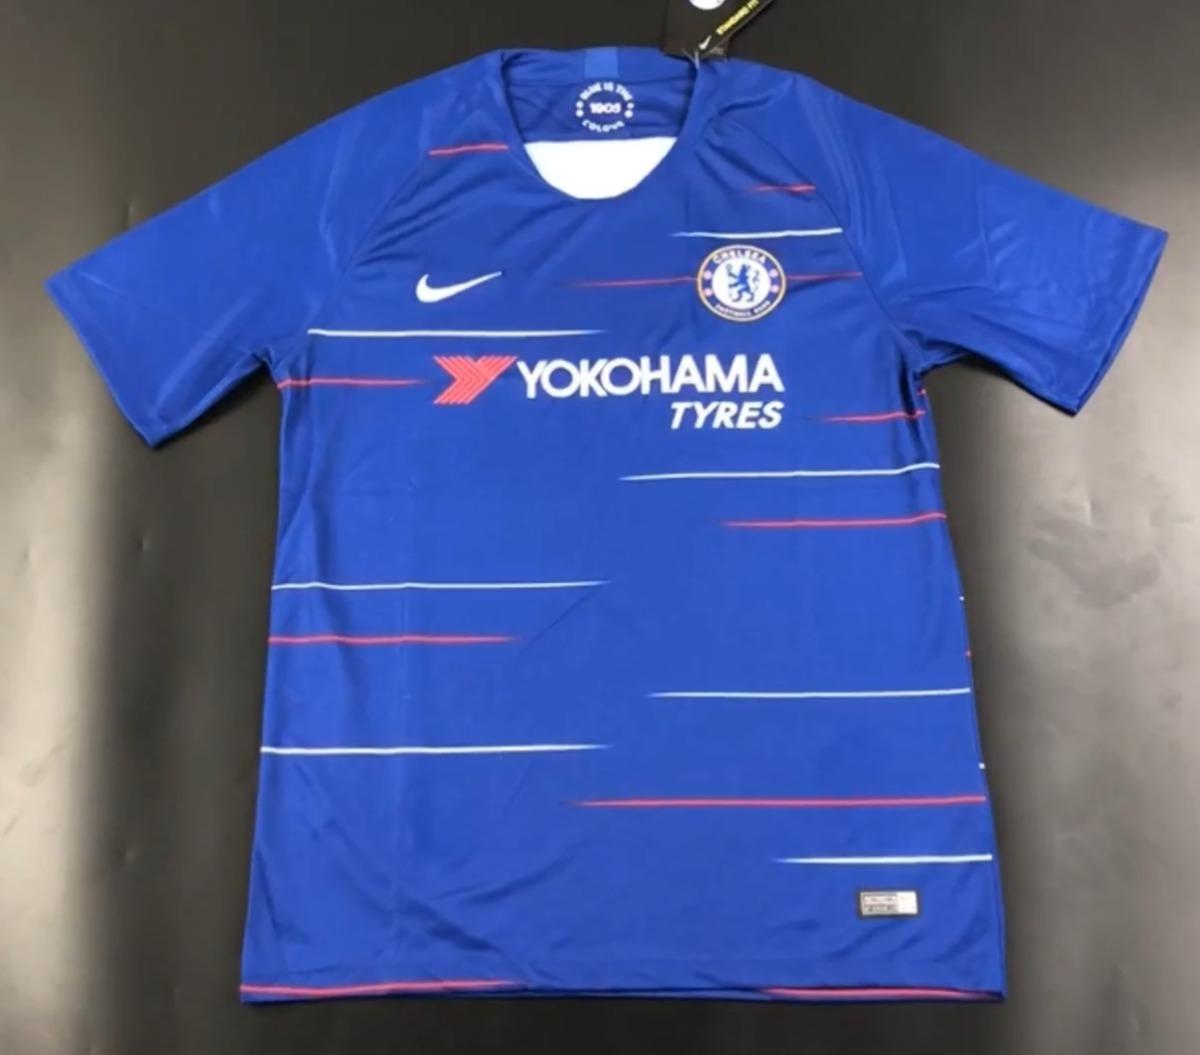 7e12e4539f Camisa Chelsea 2018-2019 Nova Original - Frete Gratis - R  160